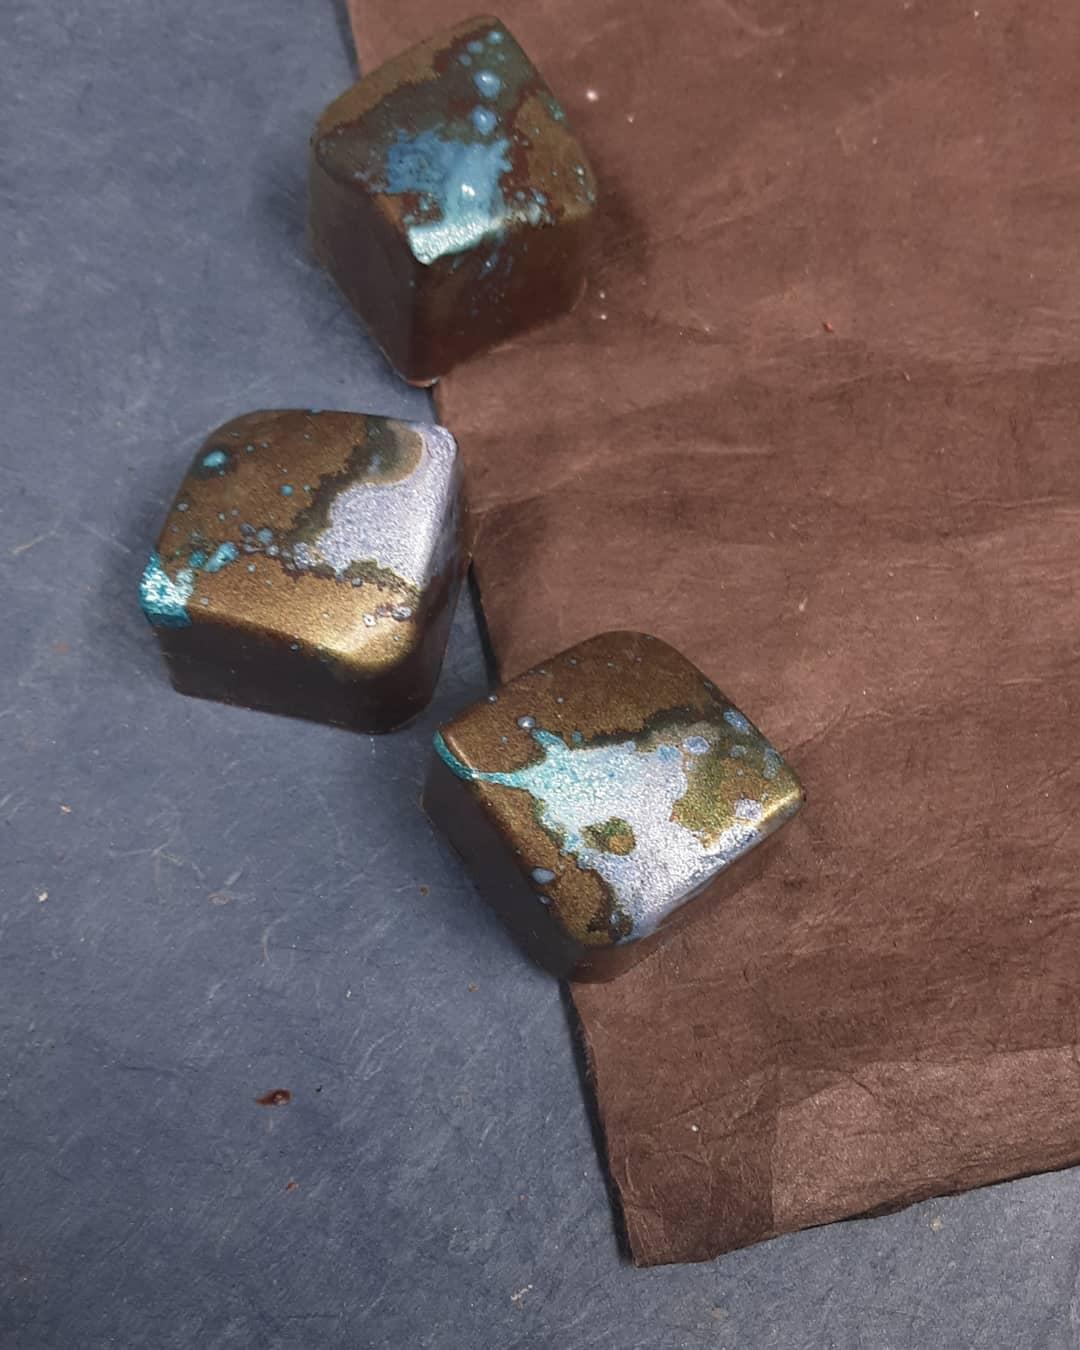 BETWEEN RAINDROPS: Dominican Republic juniper ganche in Belize dark chocolate #chocolatier @fruitionchocolate #lightandshadowbetween raindrops light glistens, treetops dancebetween raindrops one can lingerand relax